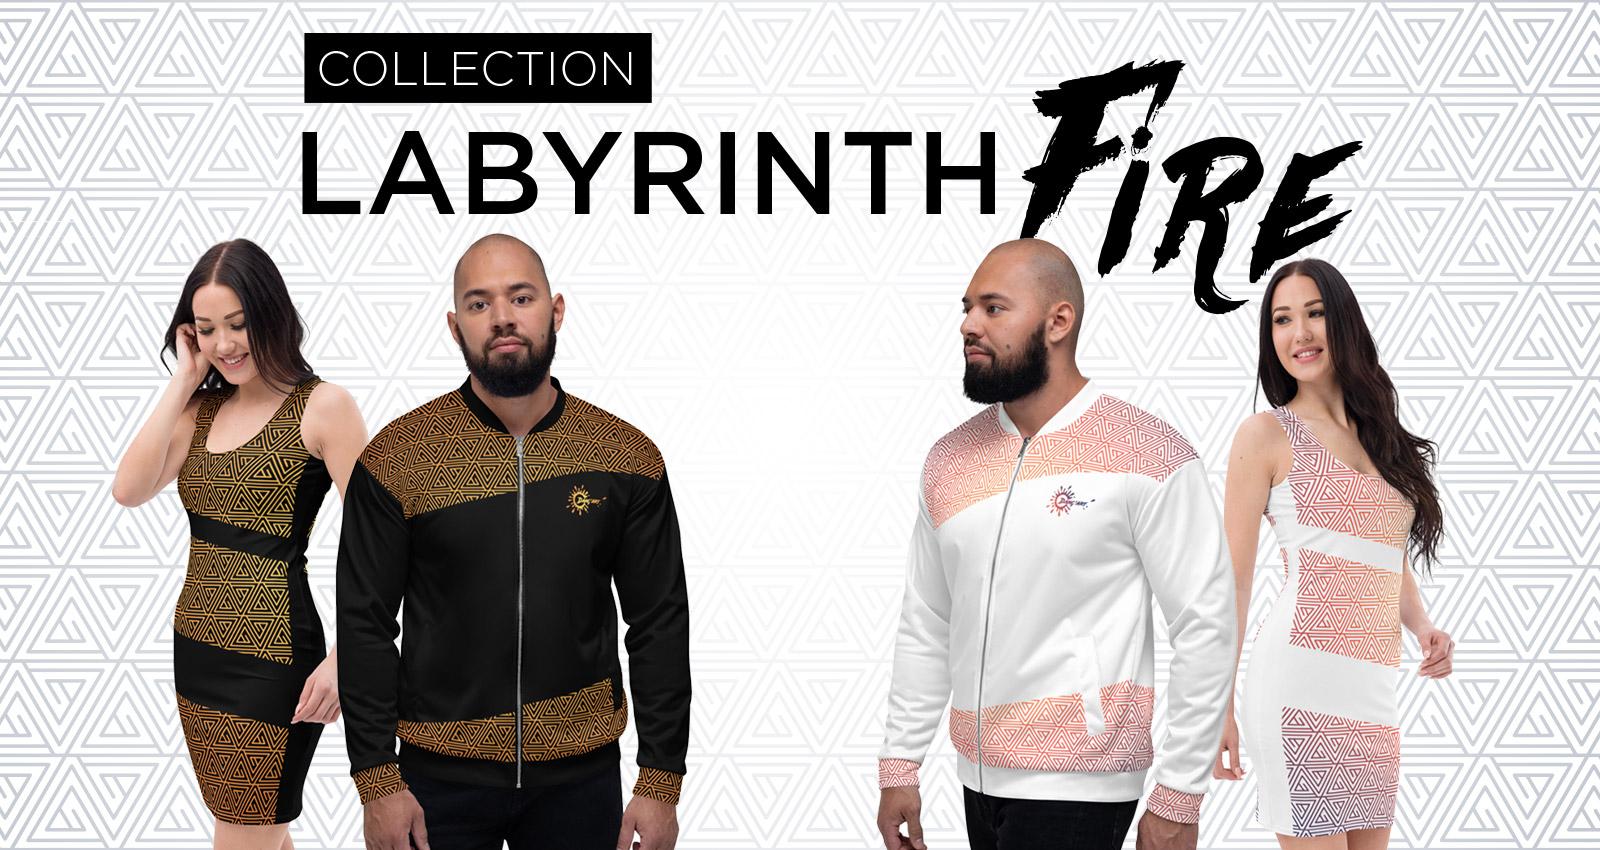 Découvrez la collection Labyrinth Fire par DANÇ'ART.